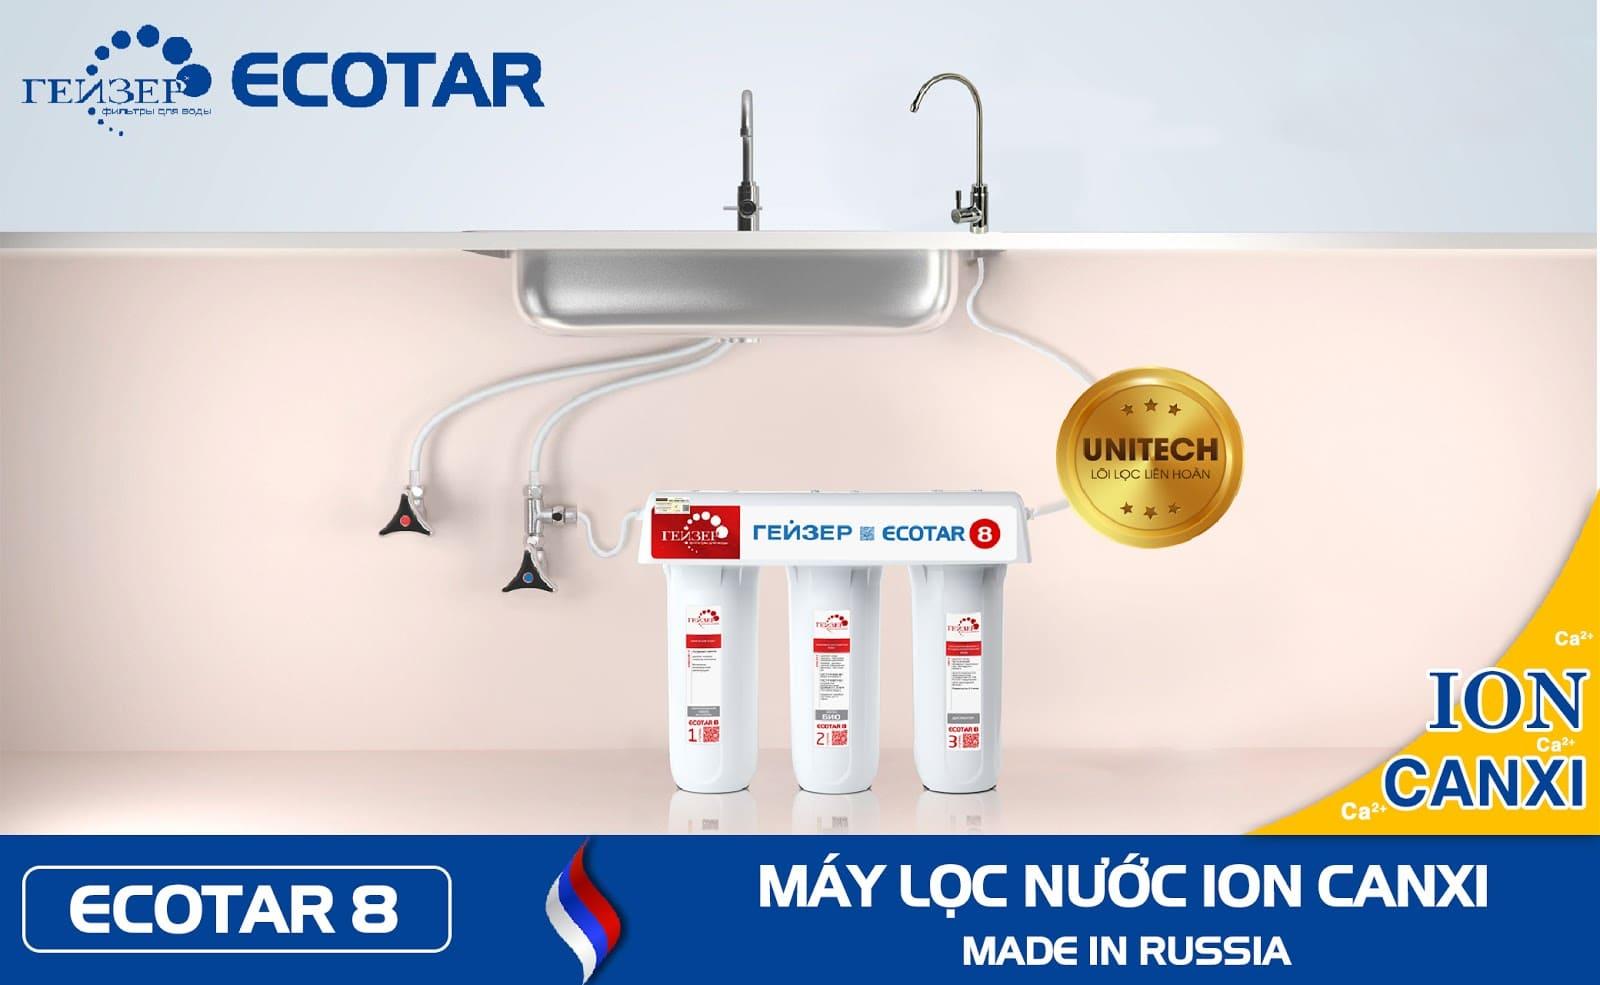 Sơ đồ lắp đặt máy lọc nước thông minh Geyser Ecotar 8